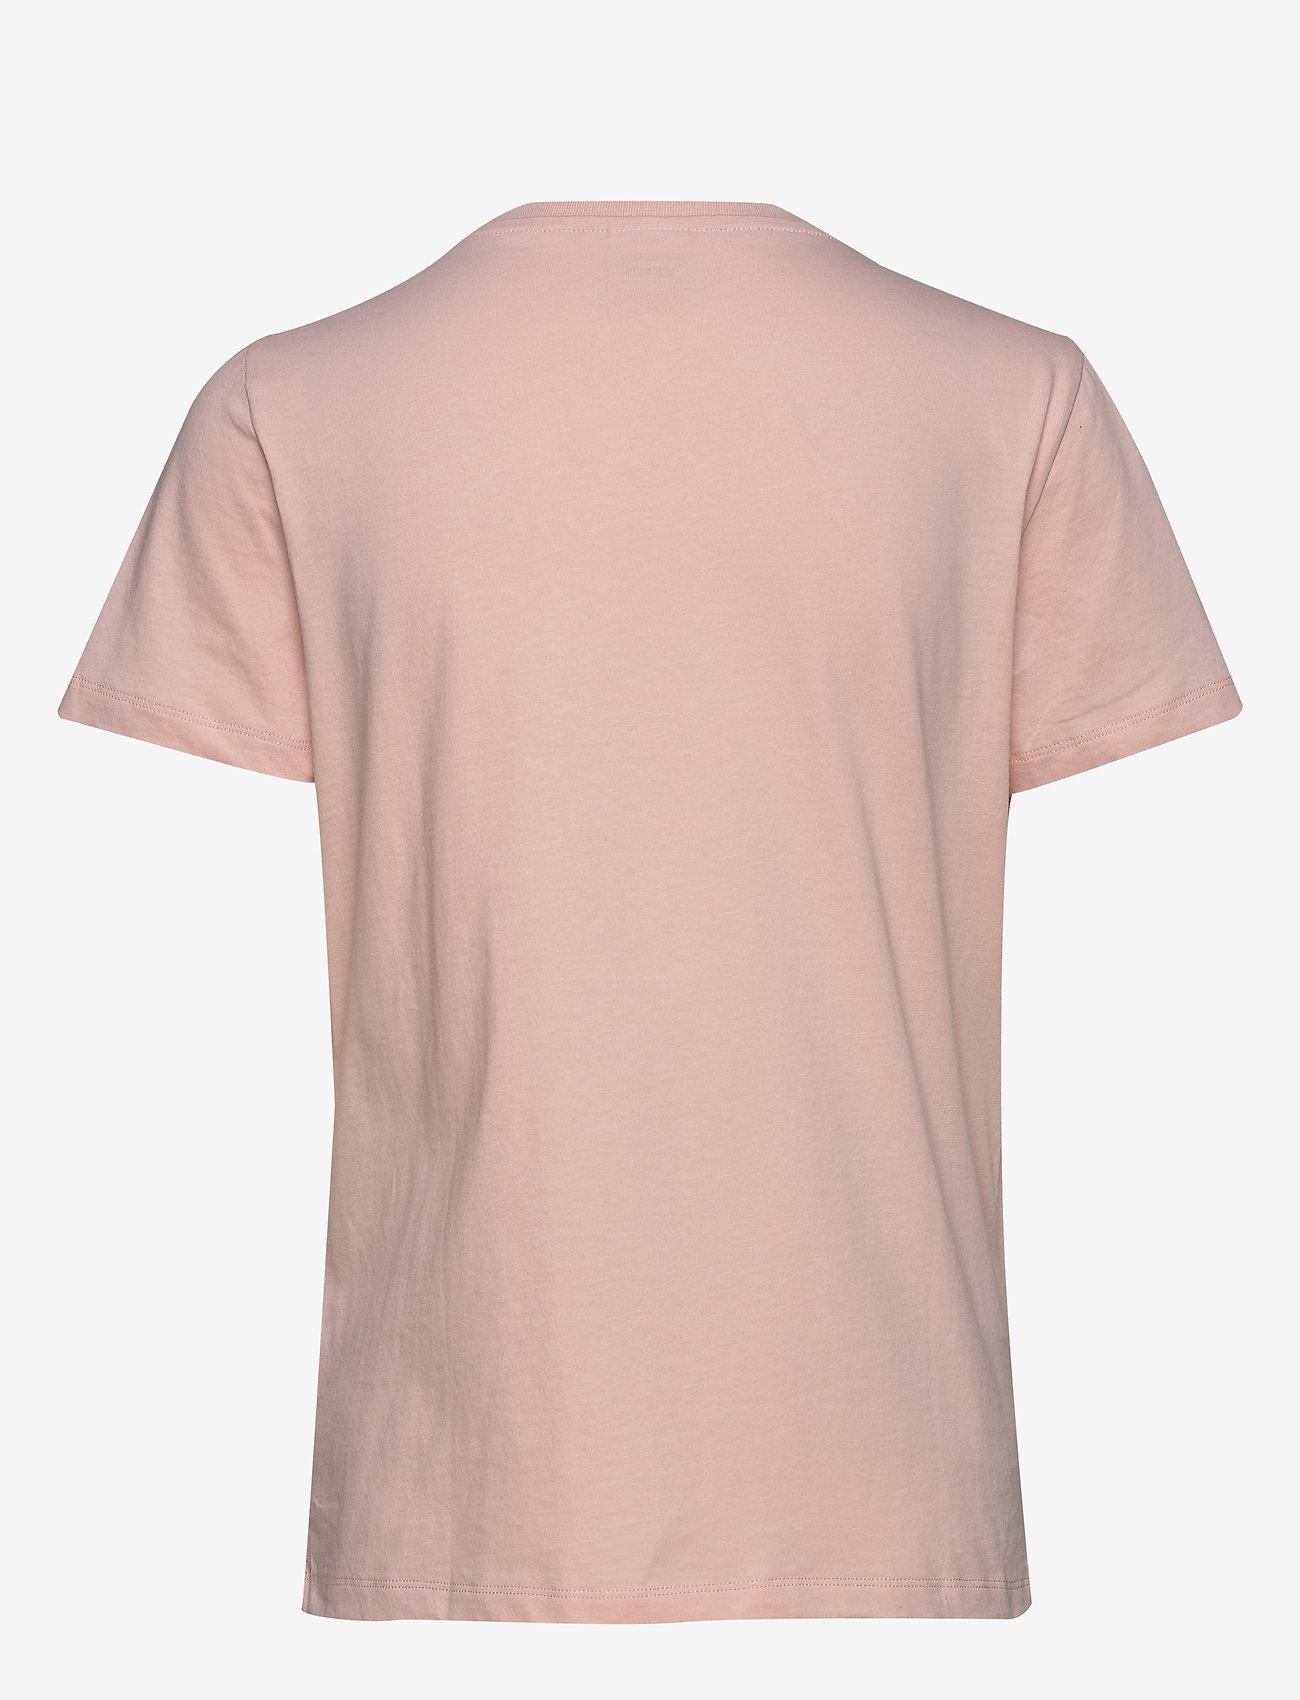 Boob - The-shirt - t-shirts - light pink